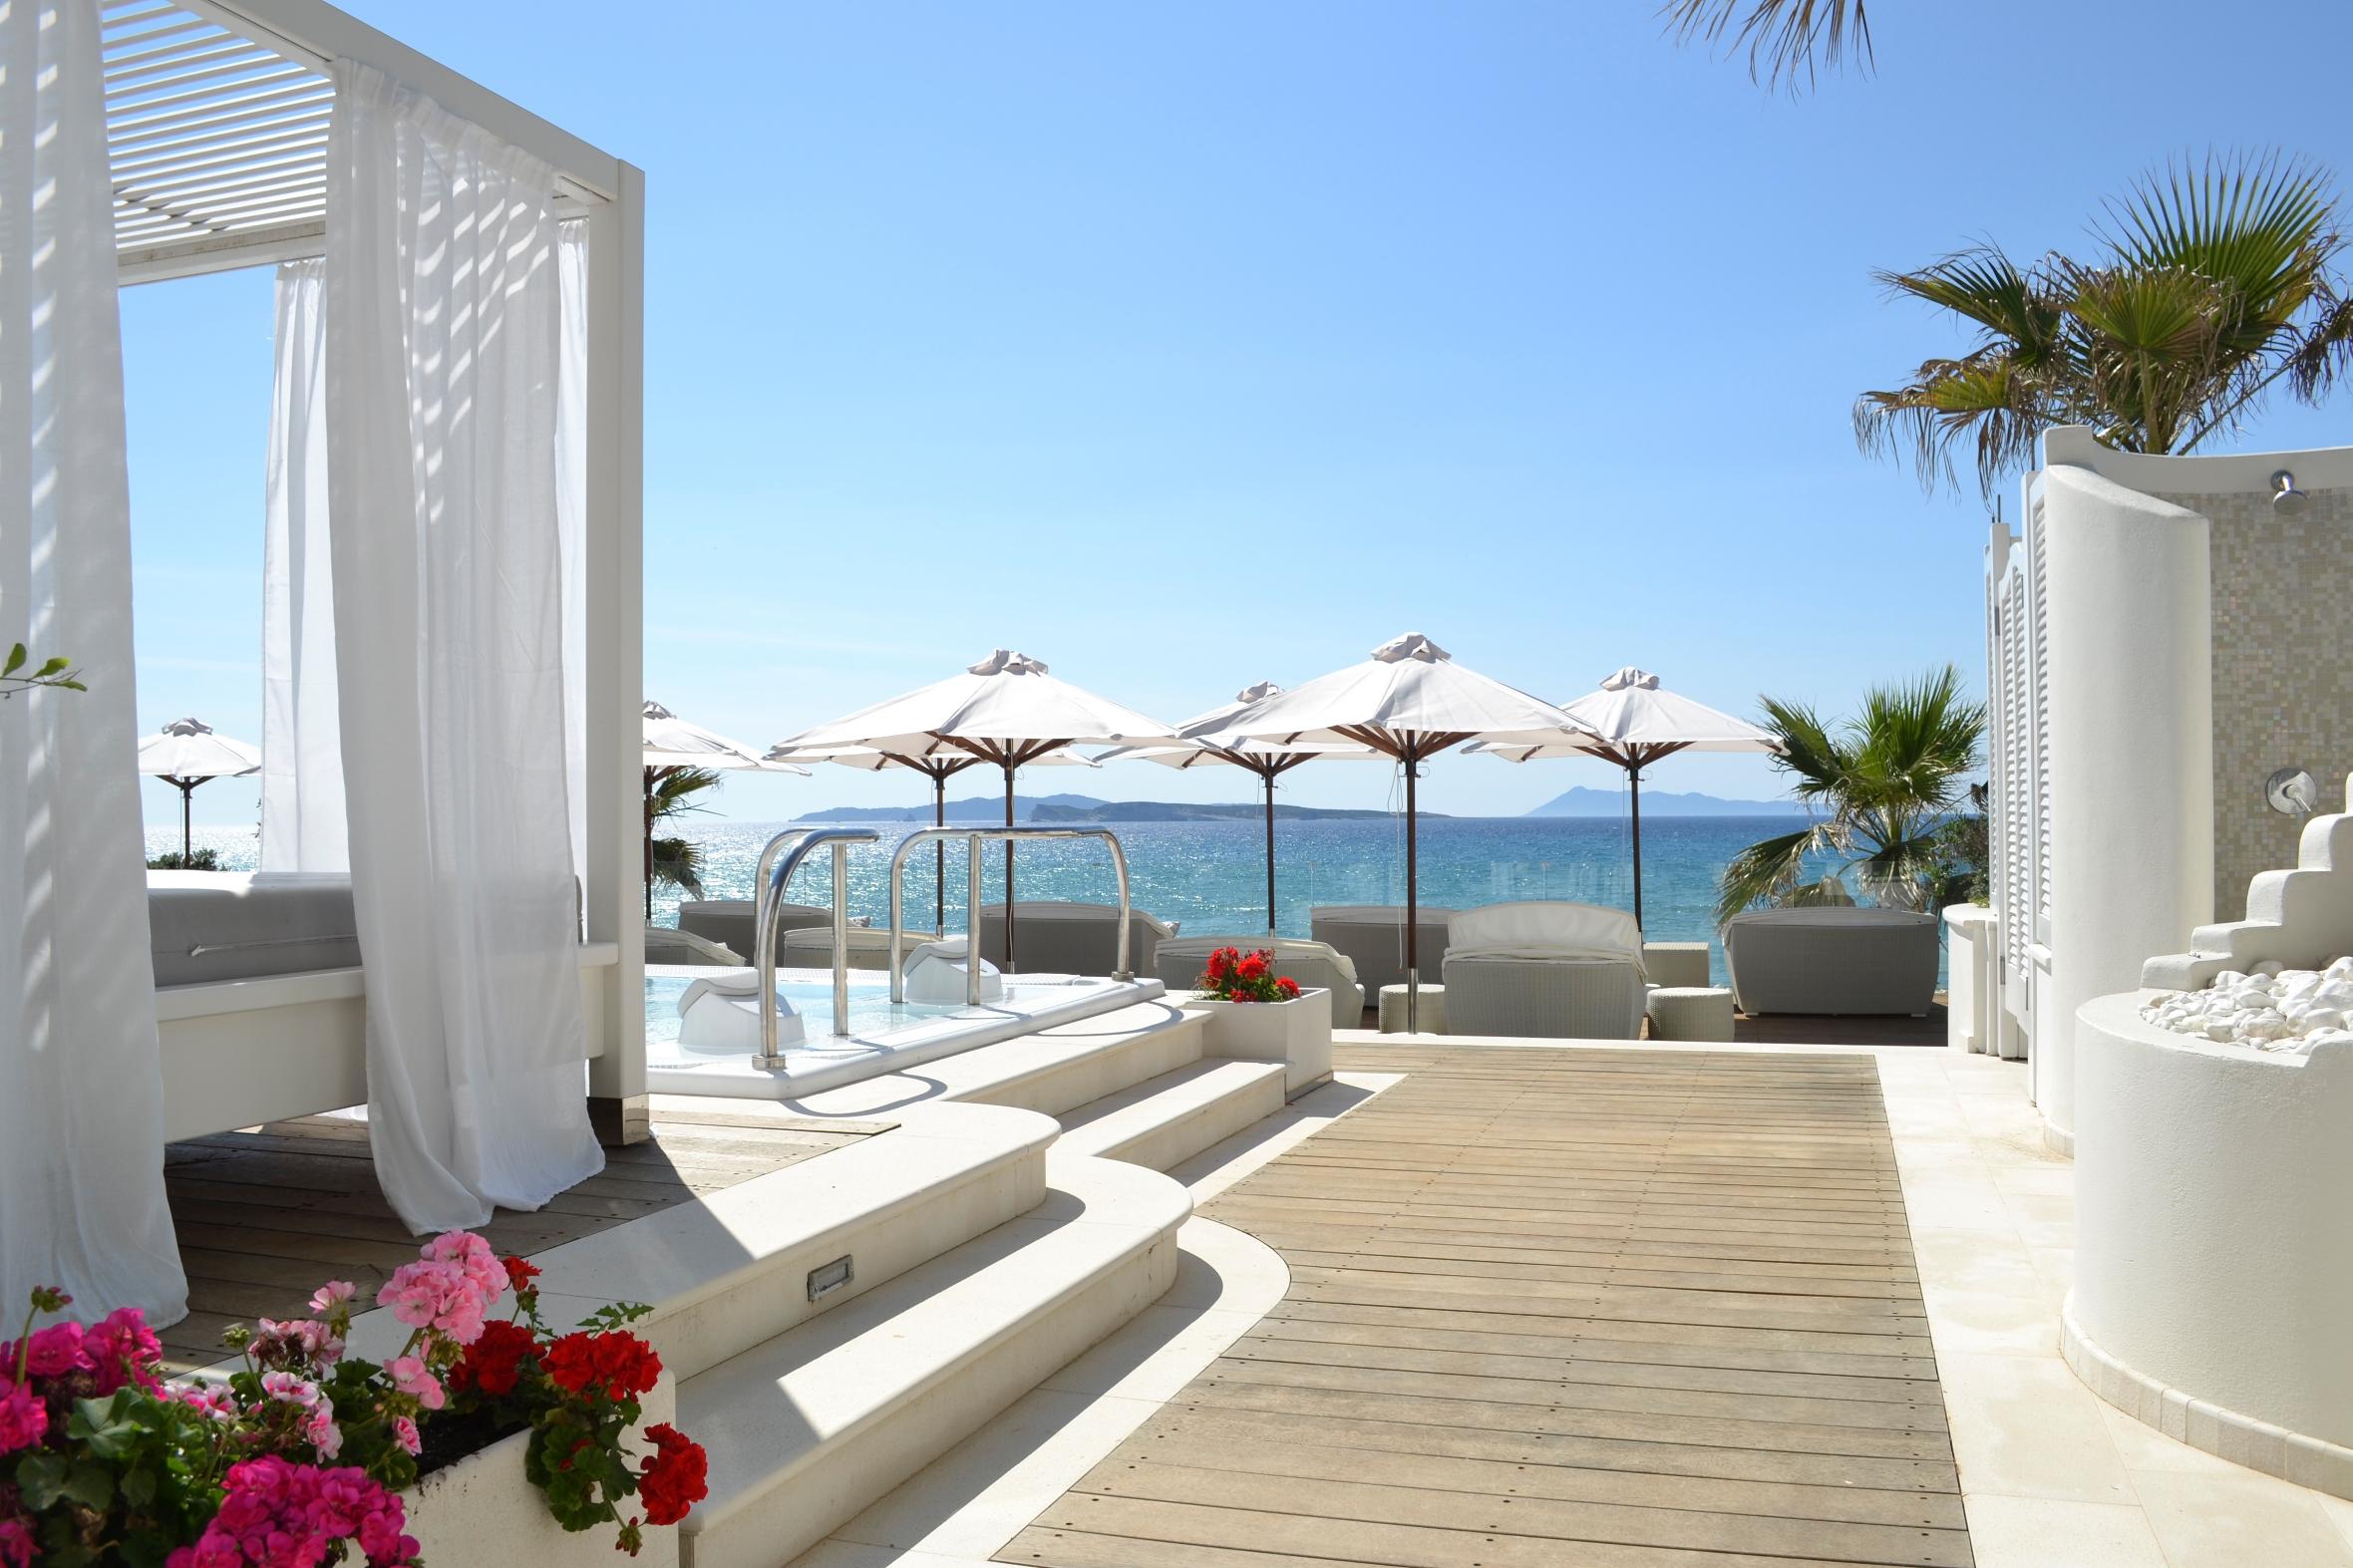 Delfino blu boutique hotel spa in agios stefanos for Boutique hotel am strand